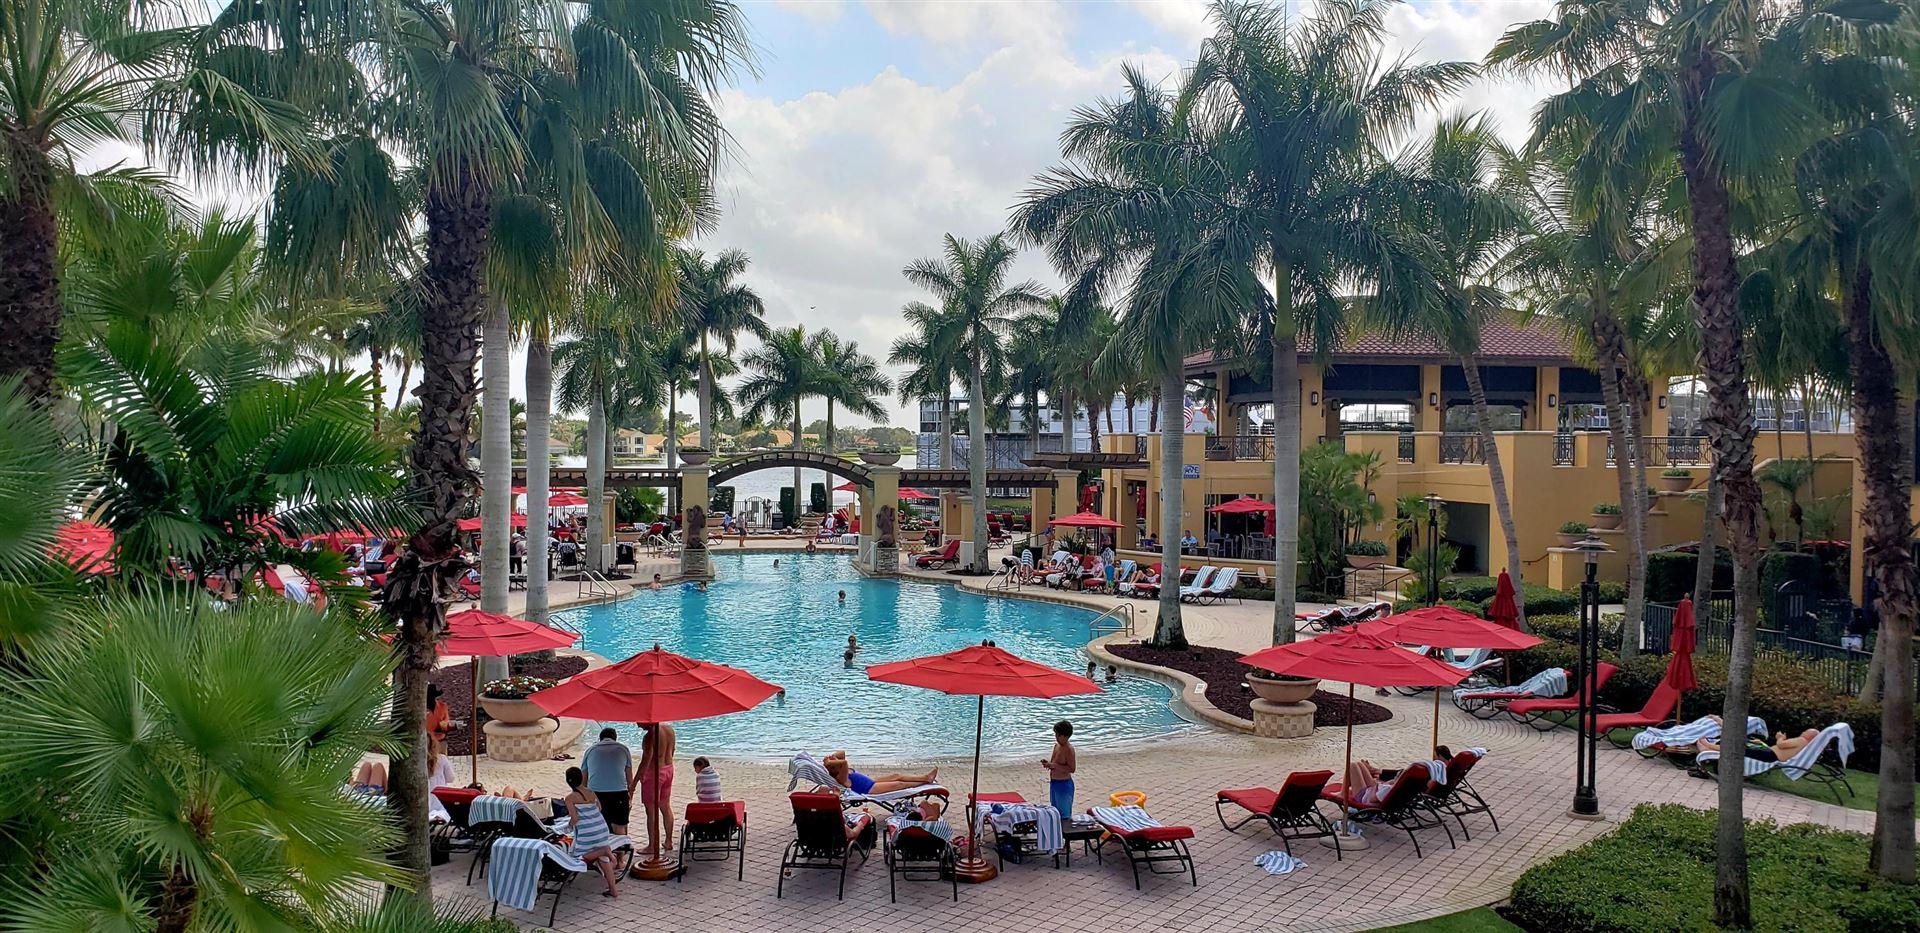 Photo of 1111 Duncan Circle #101, Palm Beach Gardens, FL 33418 (MLS # RX-10601041)